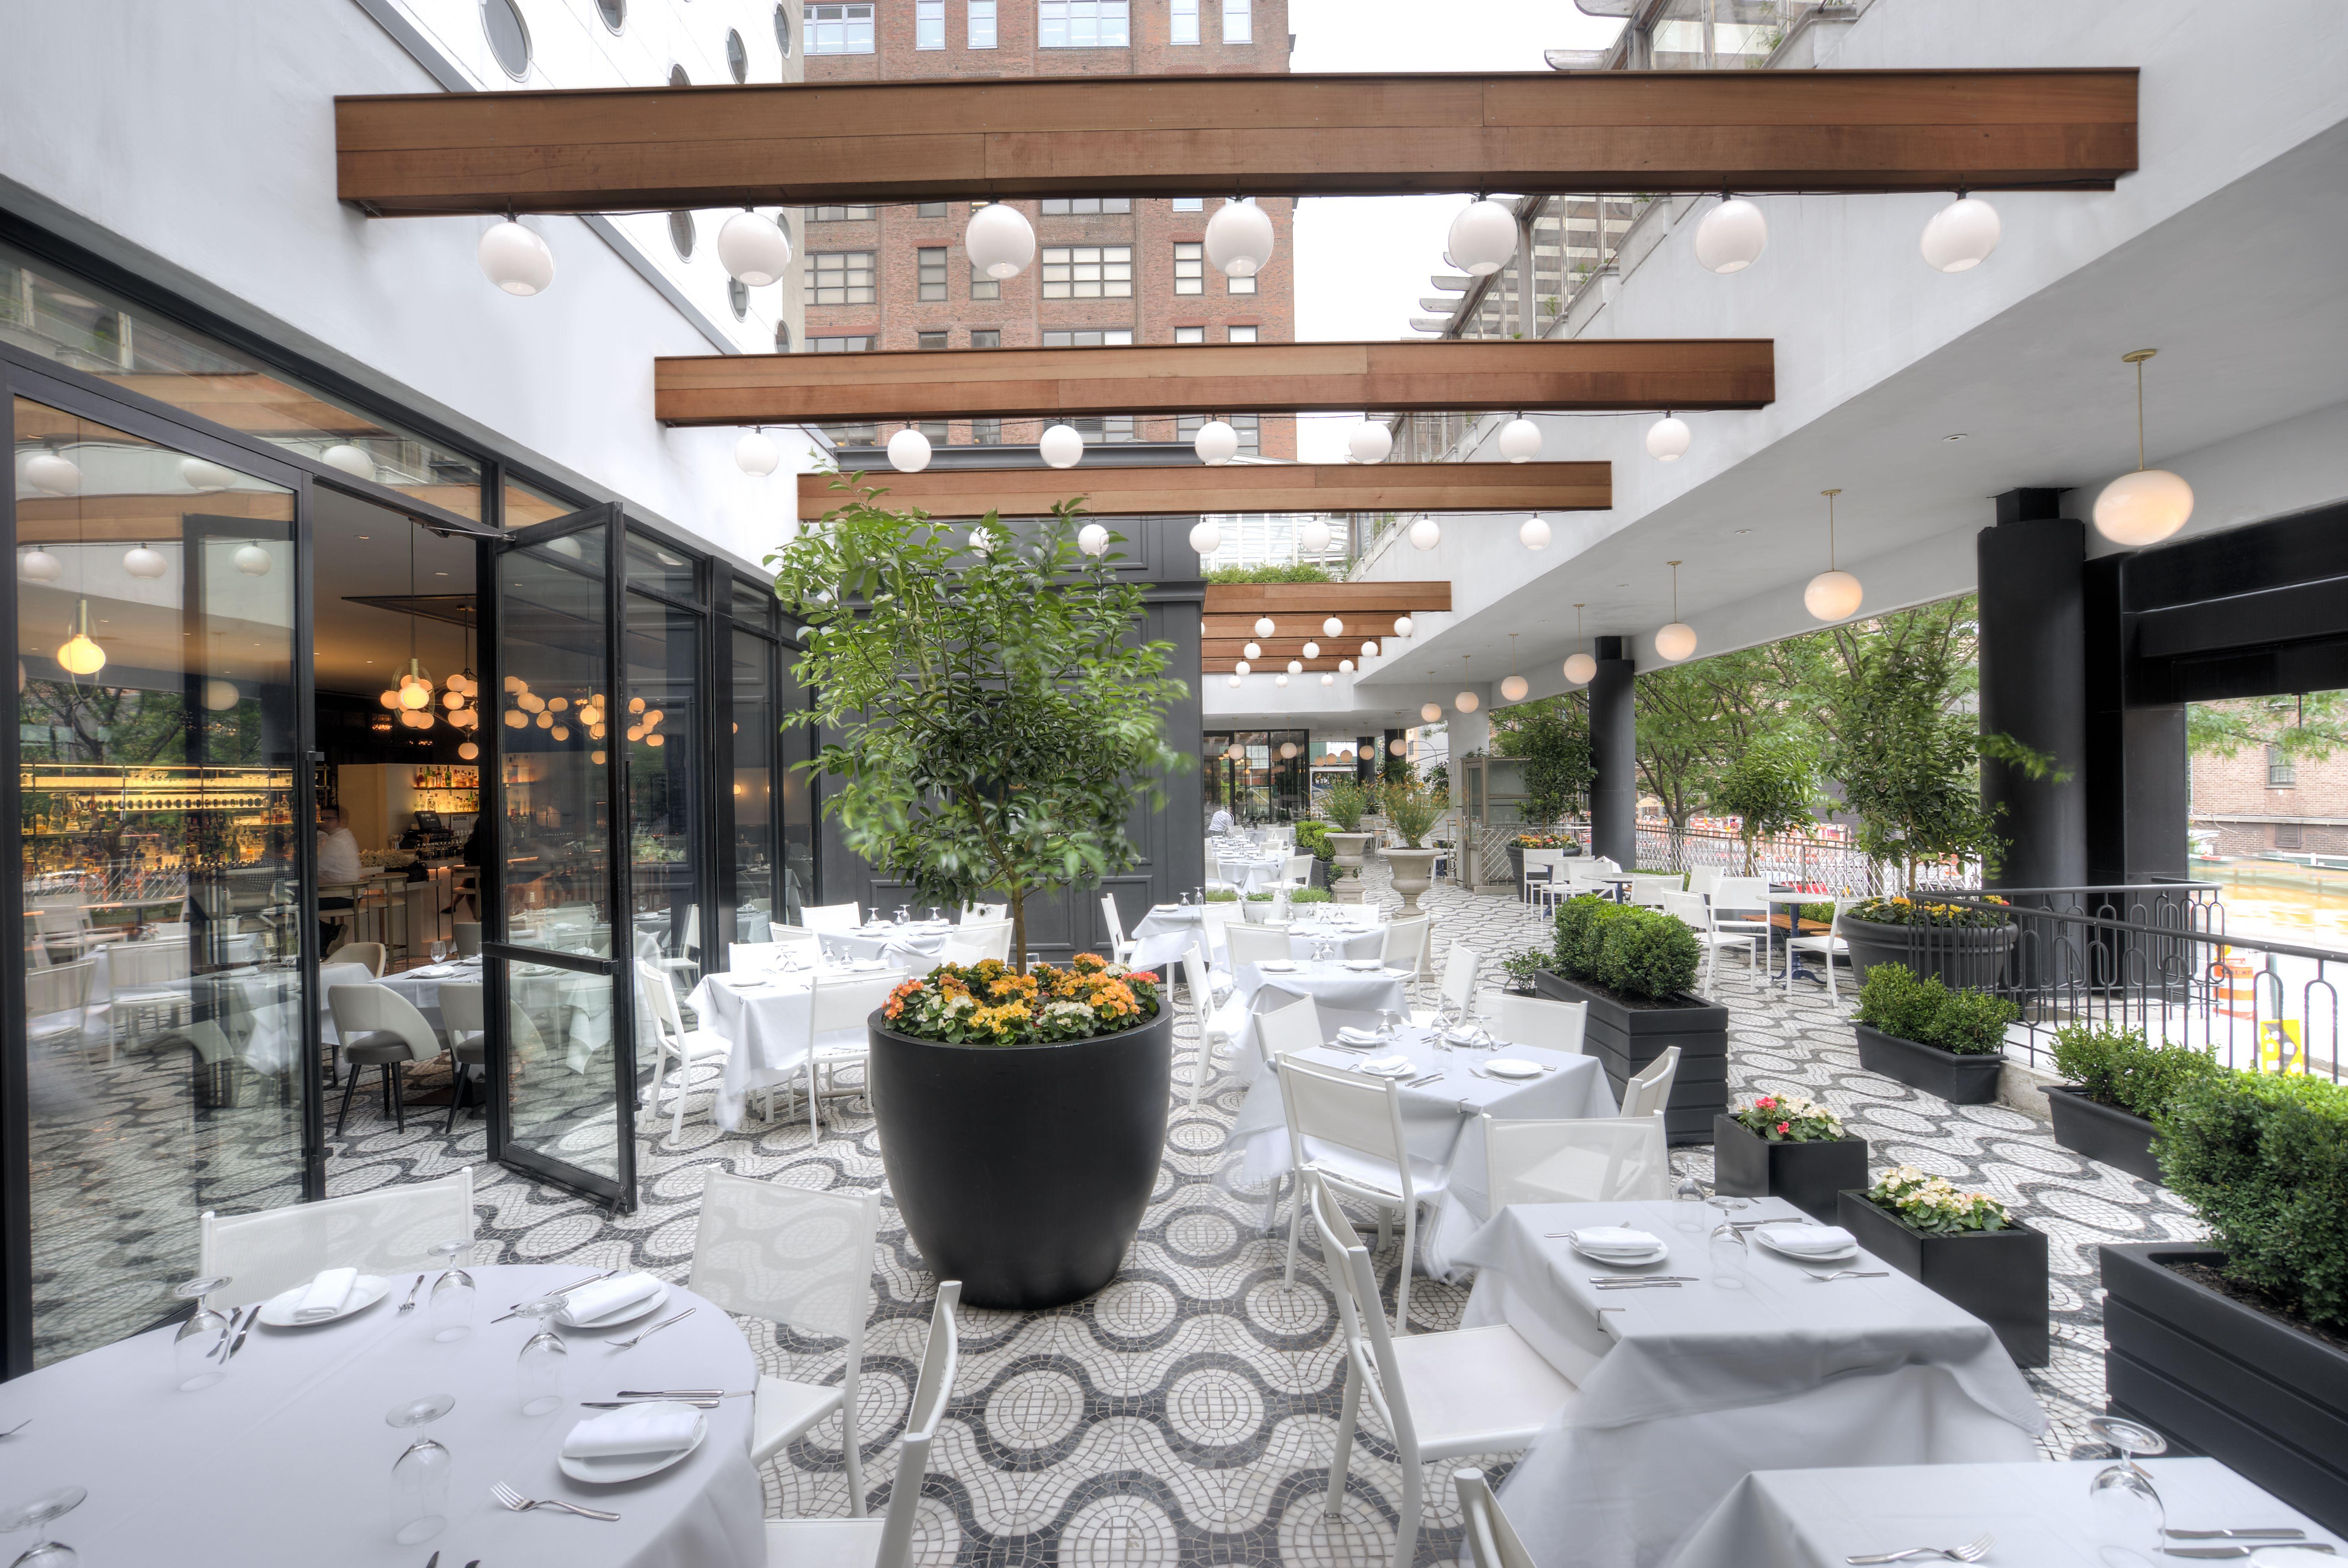 Tapas Restaurant Union Square